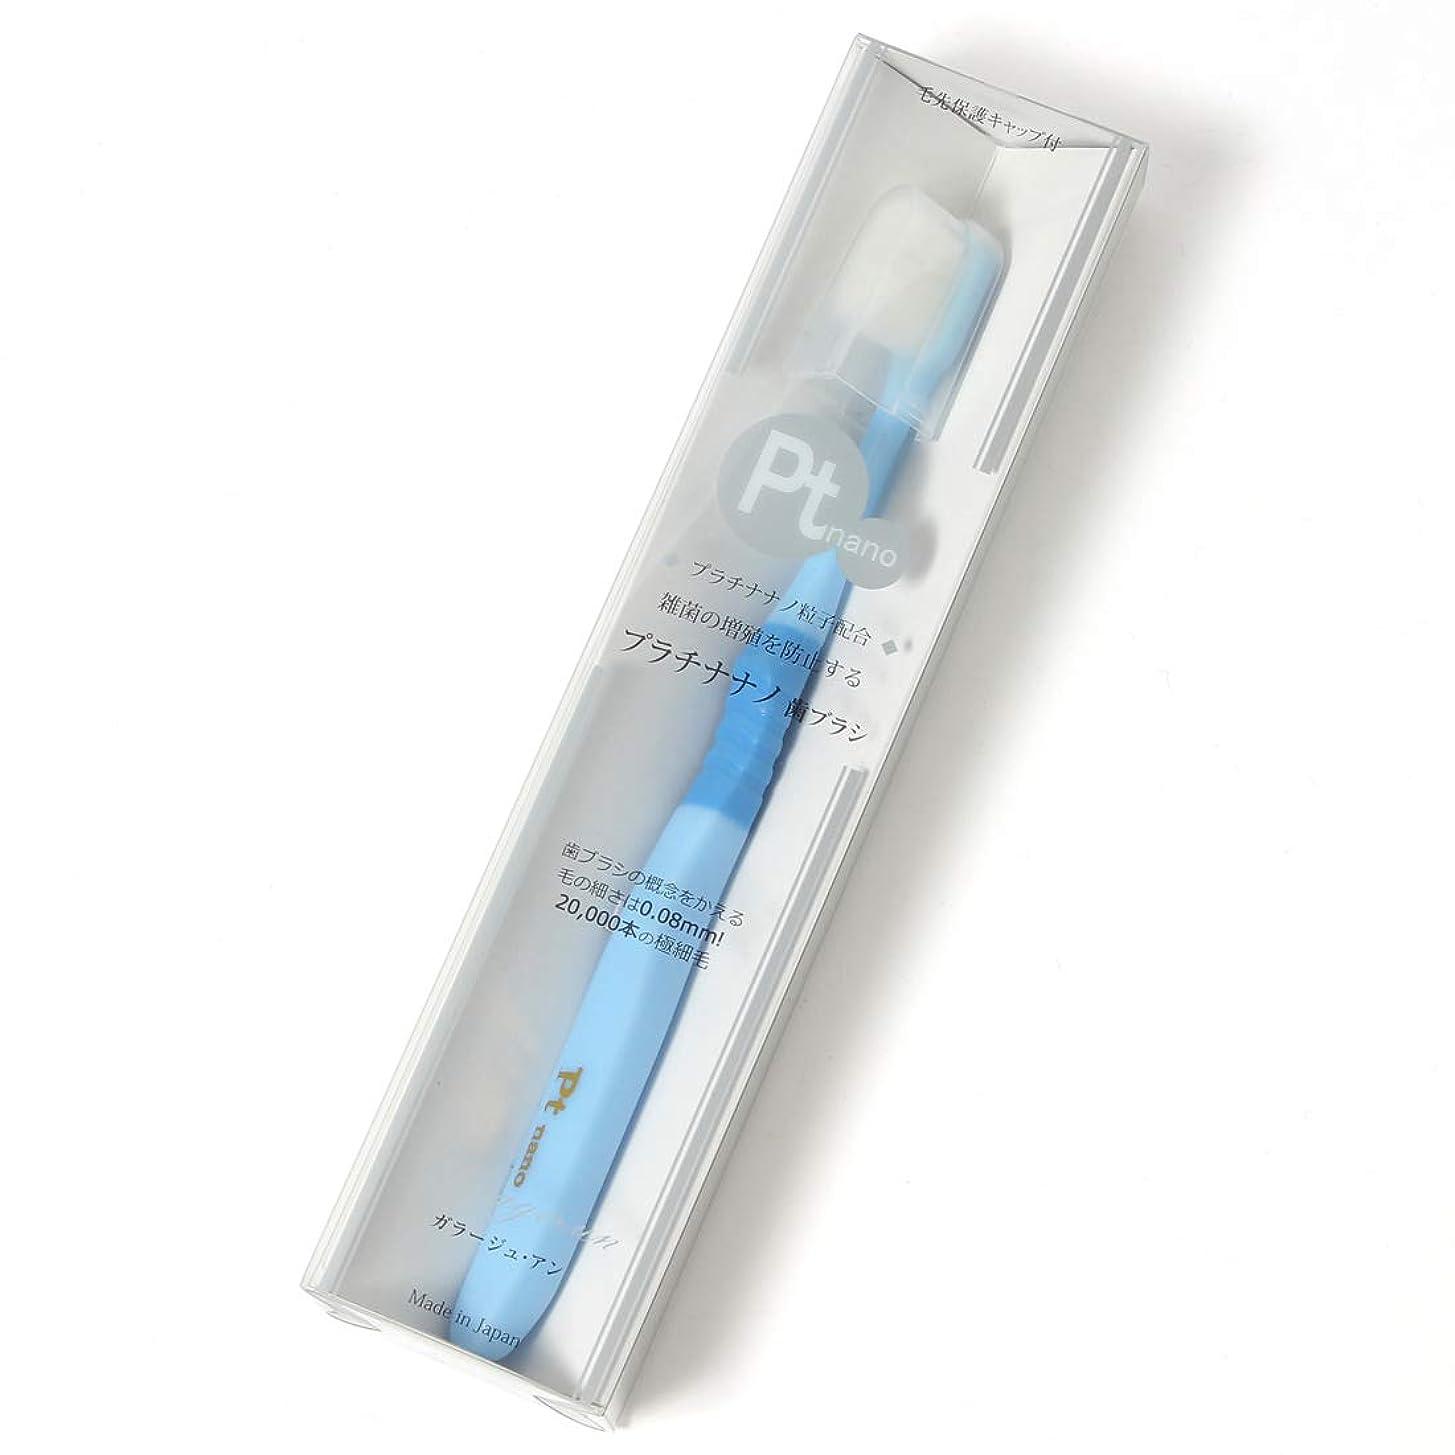 ハーフ代表するポールmanmou プラチナナノ万毛歯ブラシ 6個セット